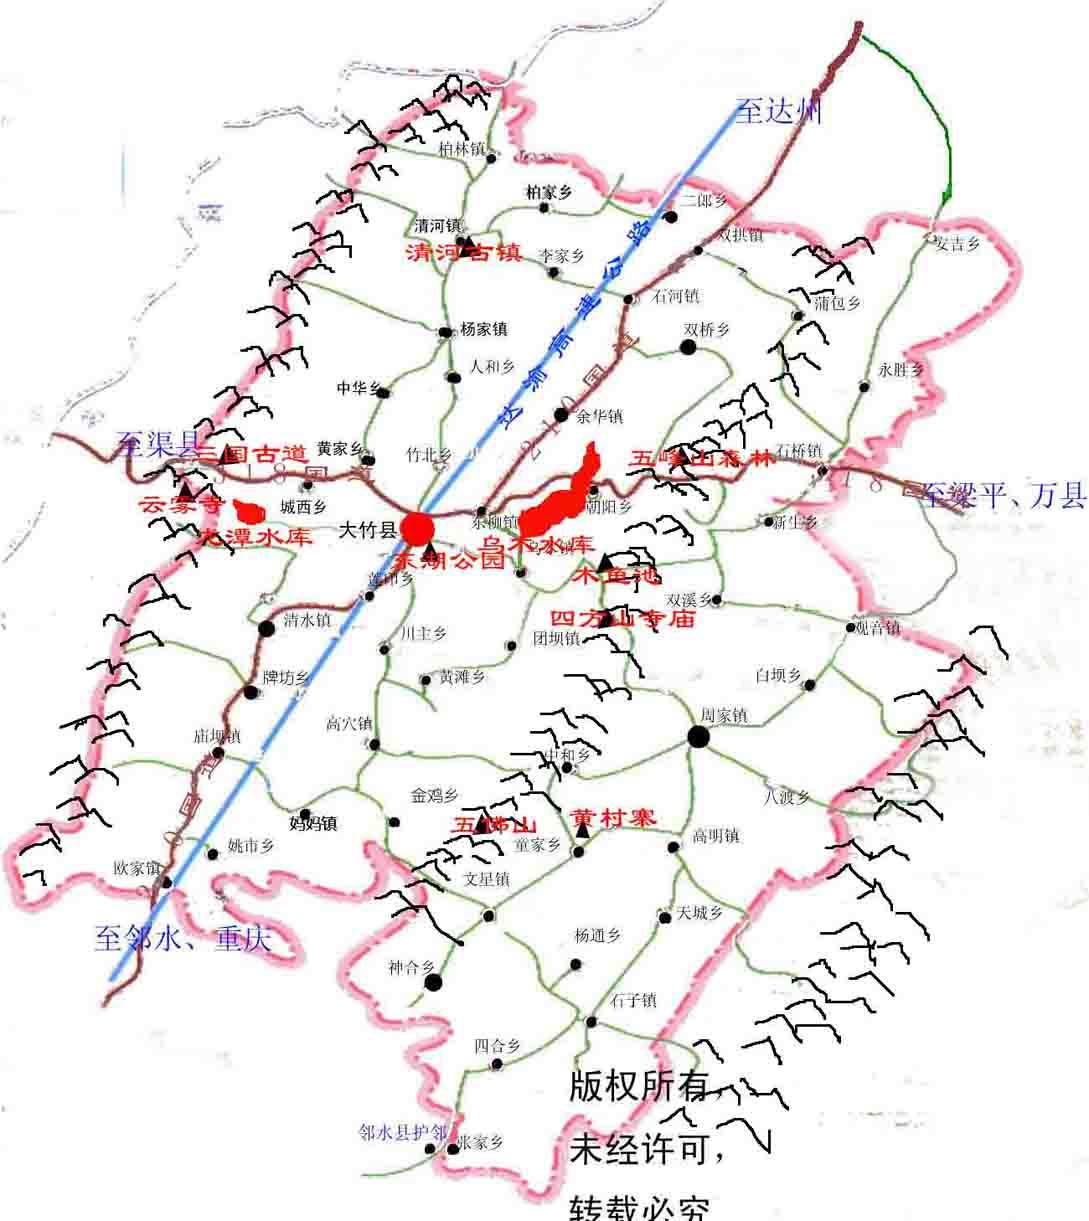 大竹县旅游地图